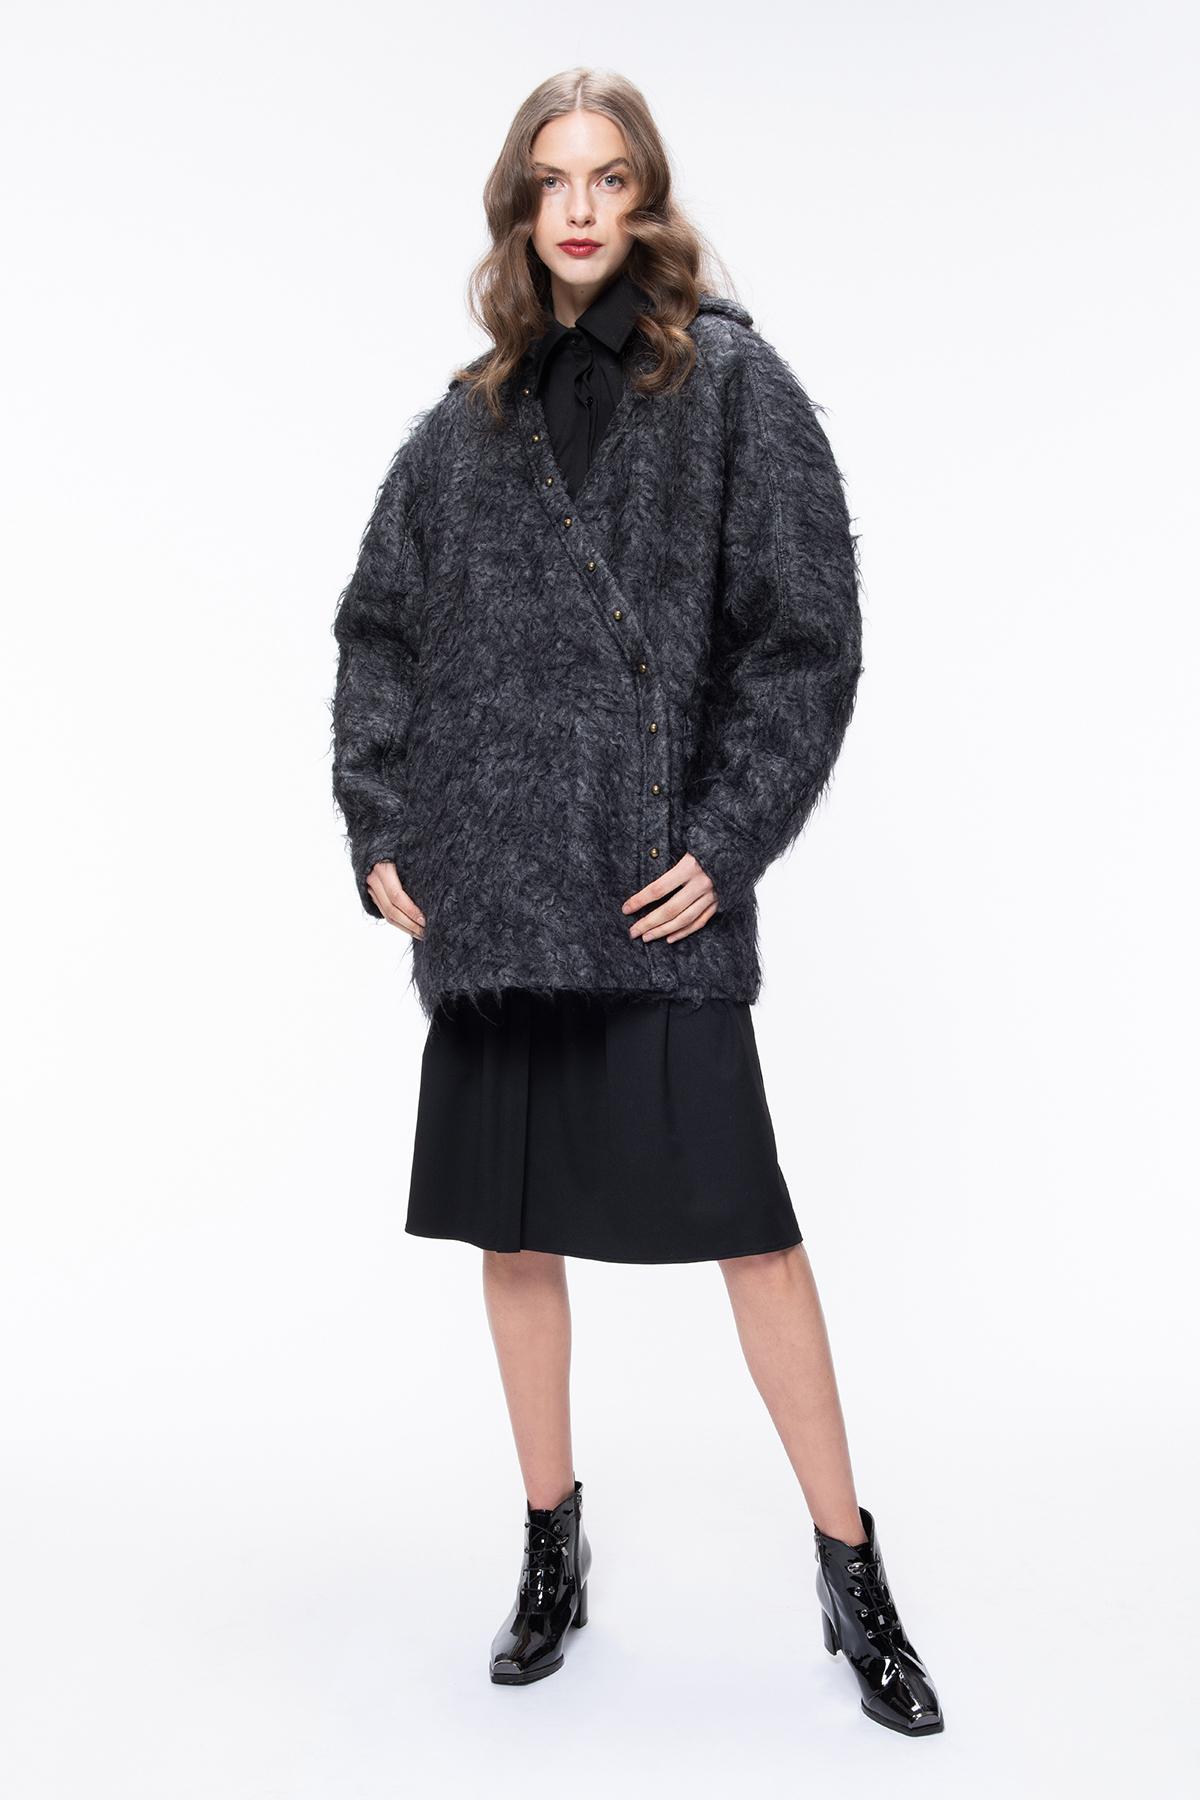 Mohair Coats